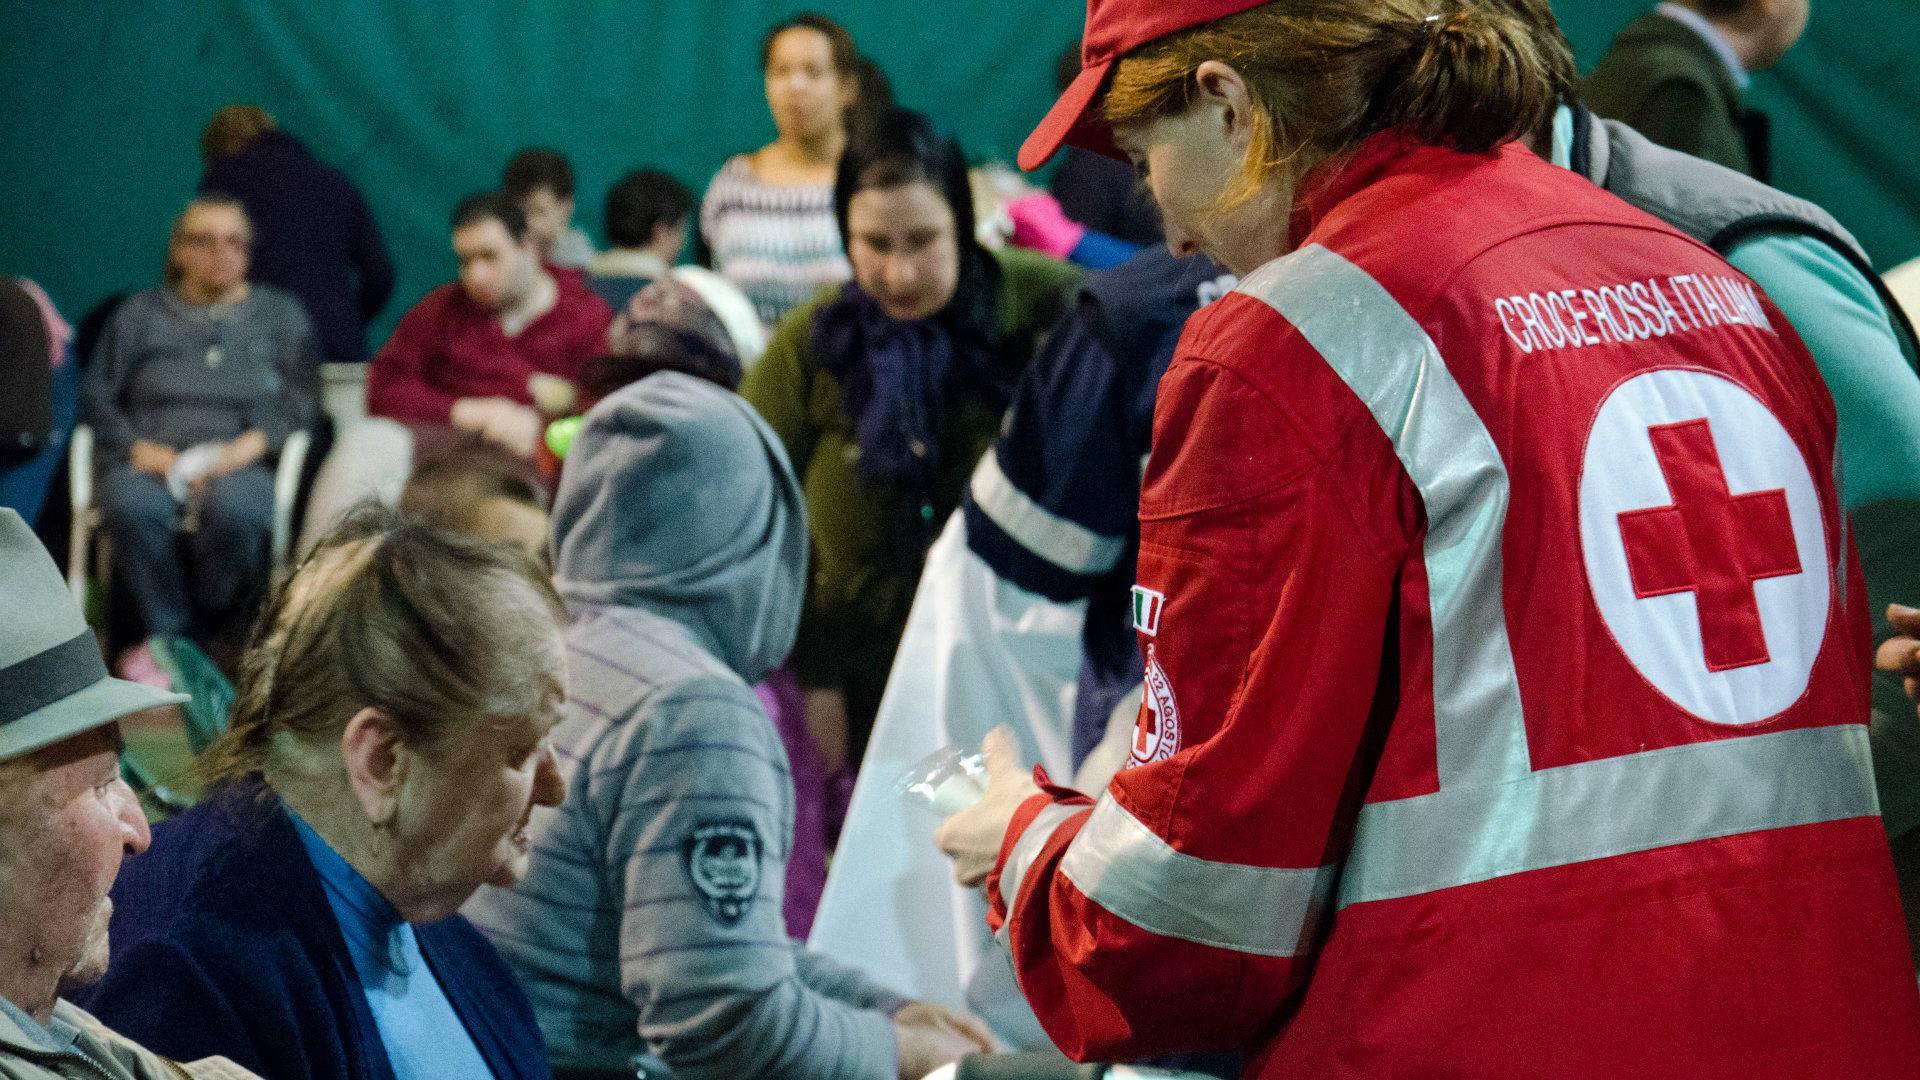 الصليب الأحمر: تدفع القارة الأميركية الثمن الأعلى لسياسات خلافية لا تتبع آراء المجتمع العلمي